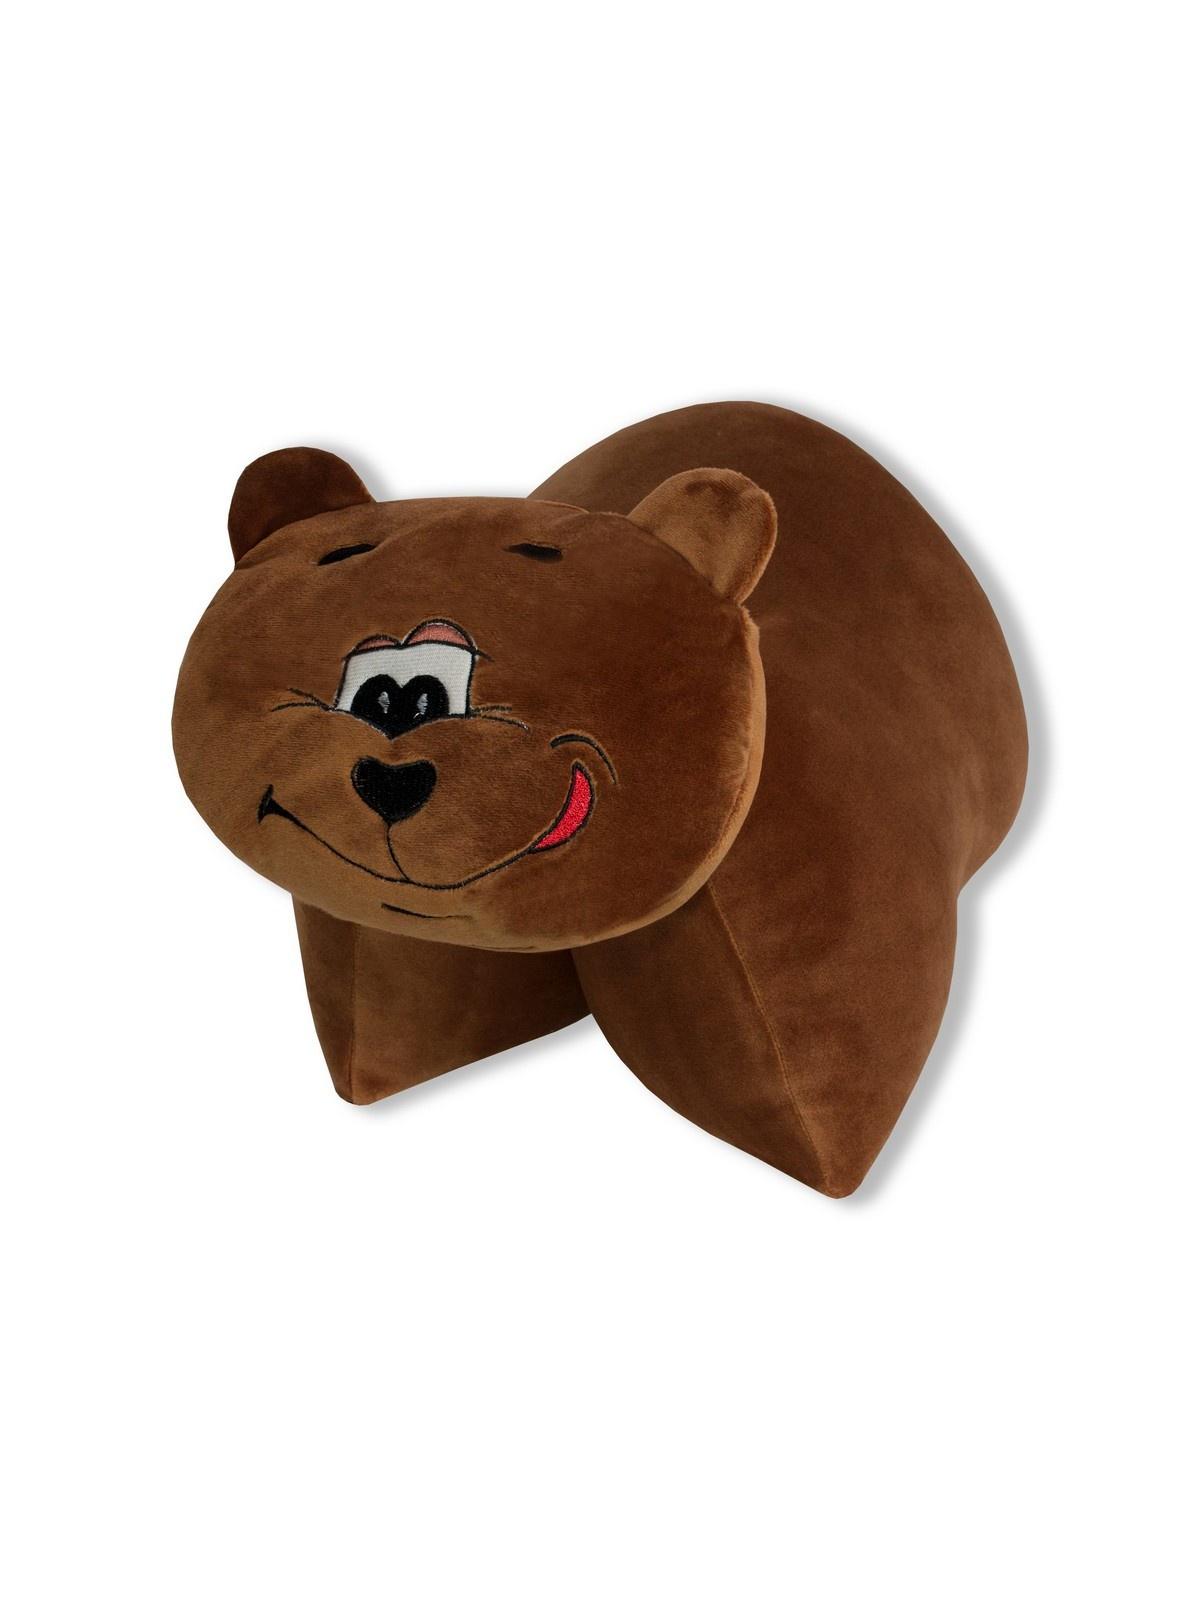 Штучки, к которым тянутся ручки Подушка-игрушка антистрессовая Трансформеры Медведь